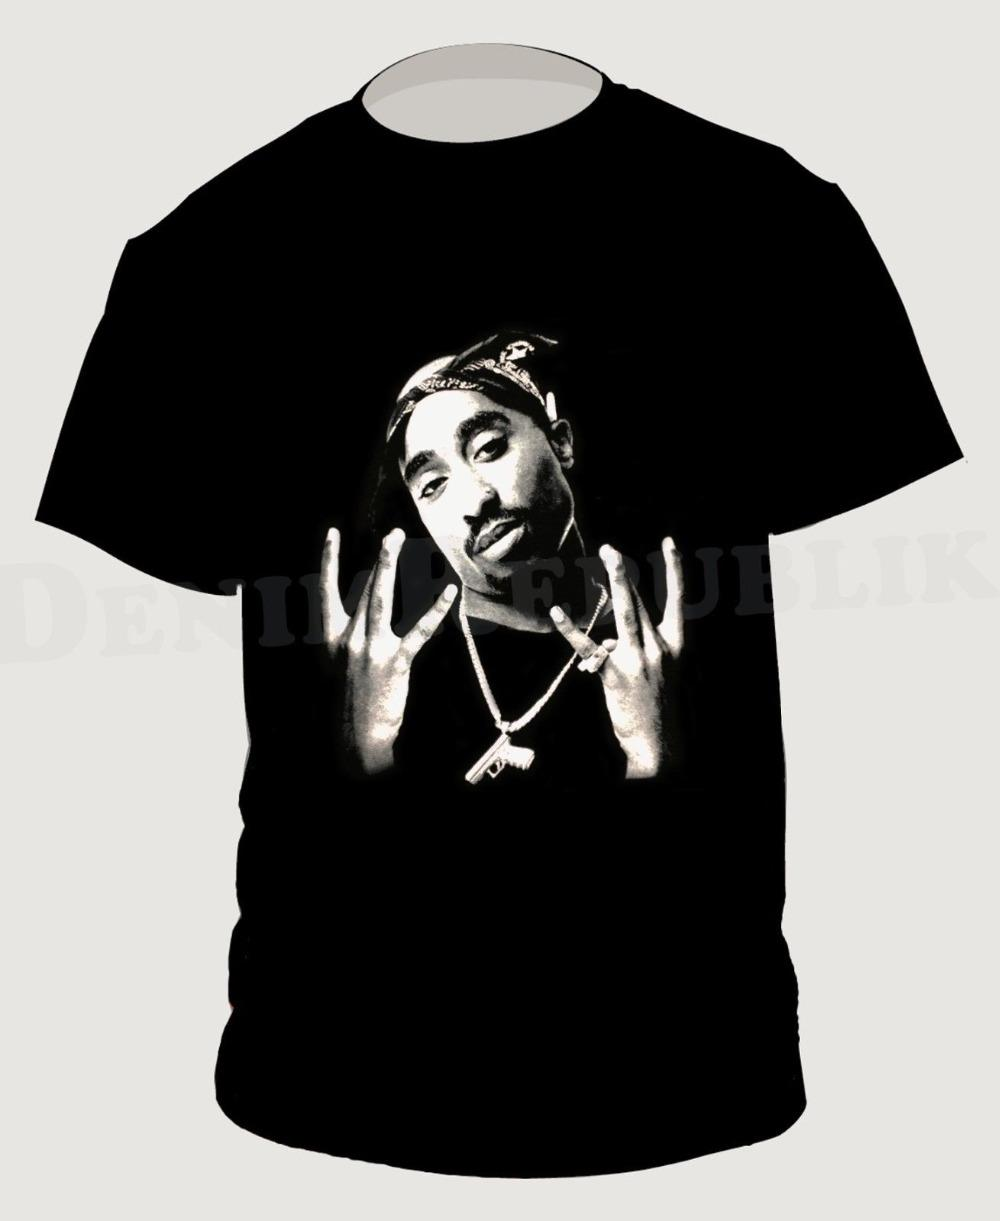 2Pac Batı Yakası Erkekler'S Siyah Tişört Machiaveli Yeni Hip Hop Tee Tupac La Rapçi 2019 Yeni Erkekler Kısa Kollu komik Casual T Shirt